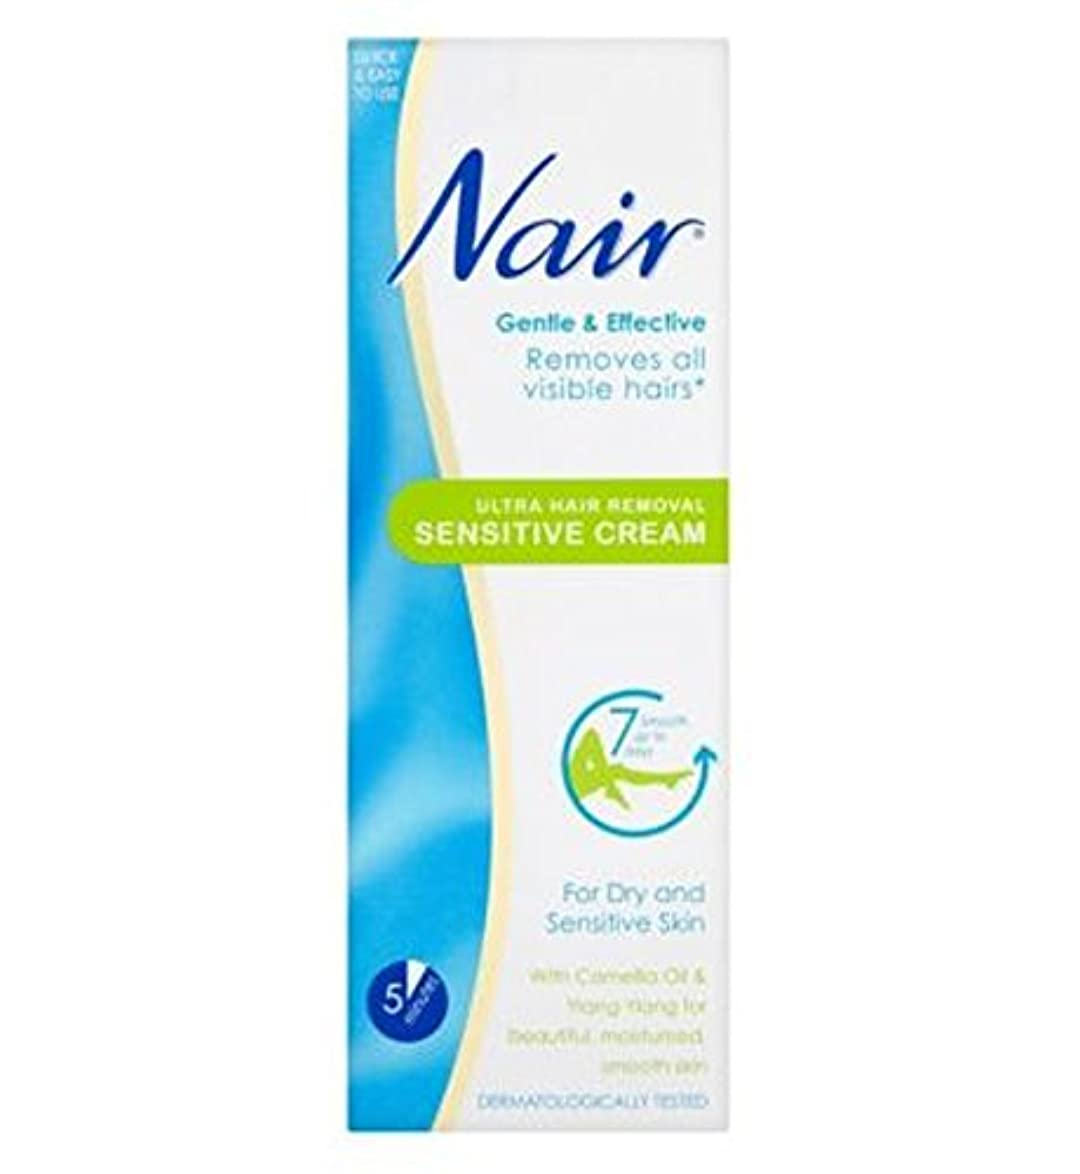 許さない衝突するバストNair Sensitive Hair Removal Cream 200ml - Nairさん敏感な脱毛クリーム200ミリリットル (Nair) [並行輸入品]